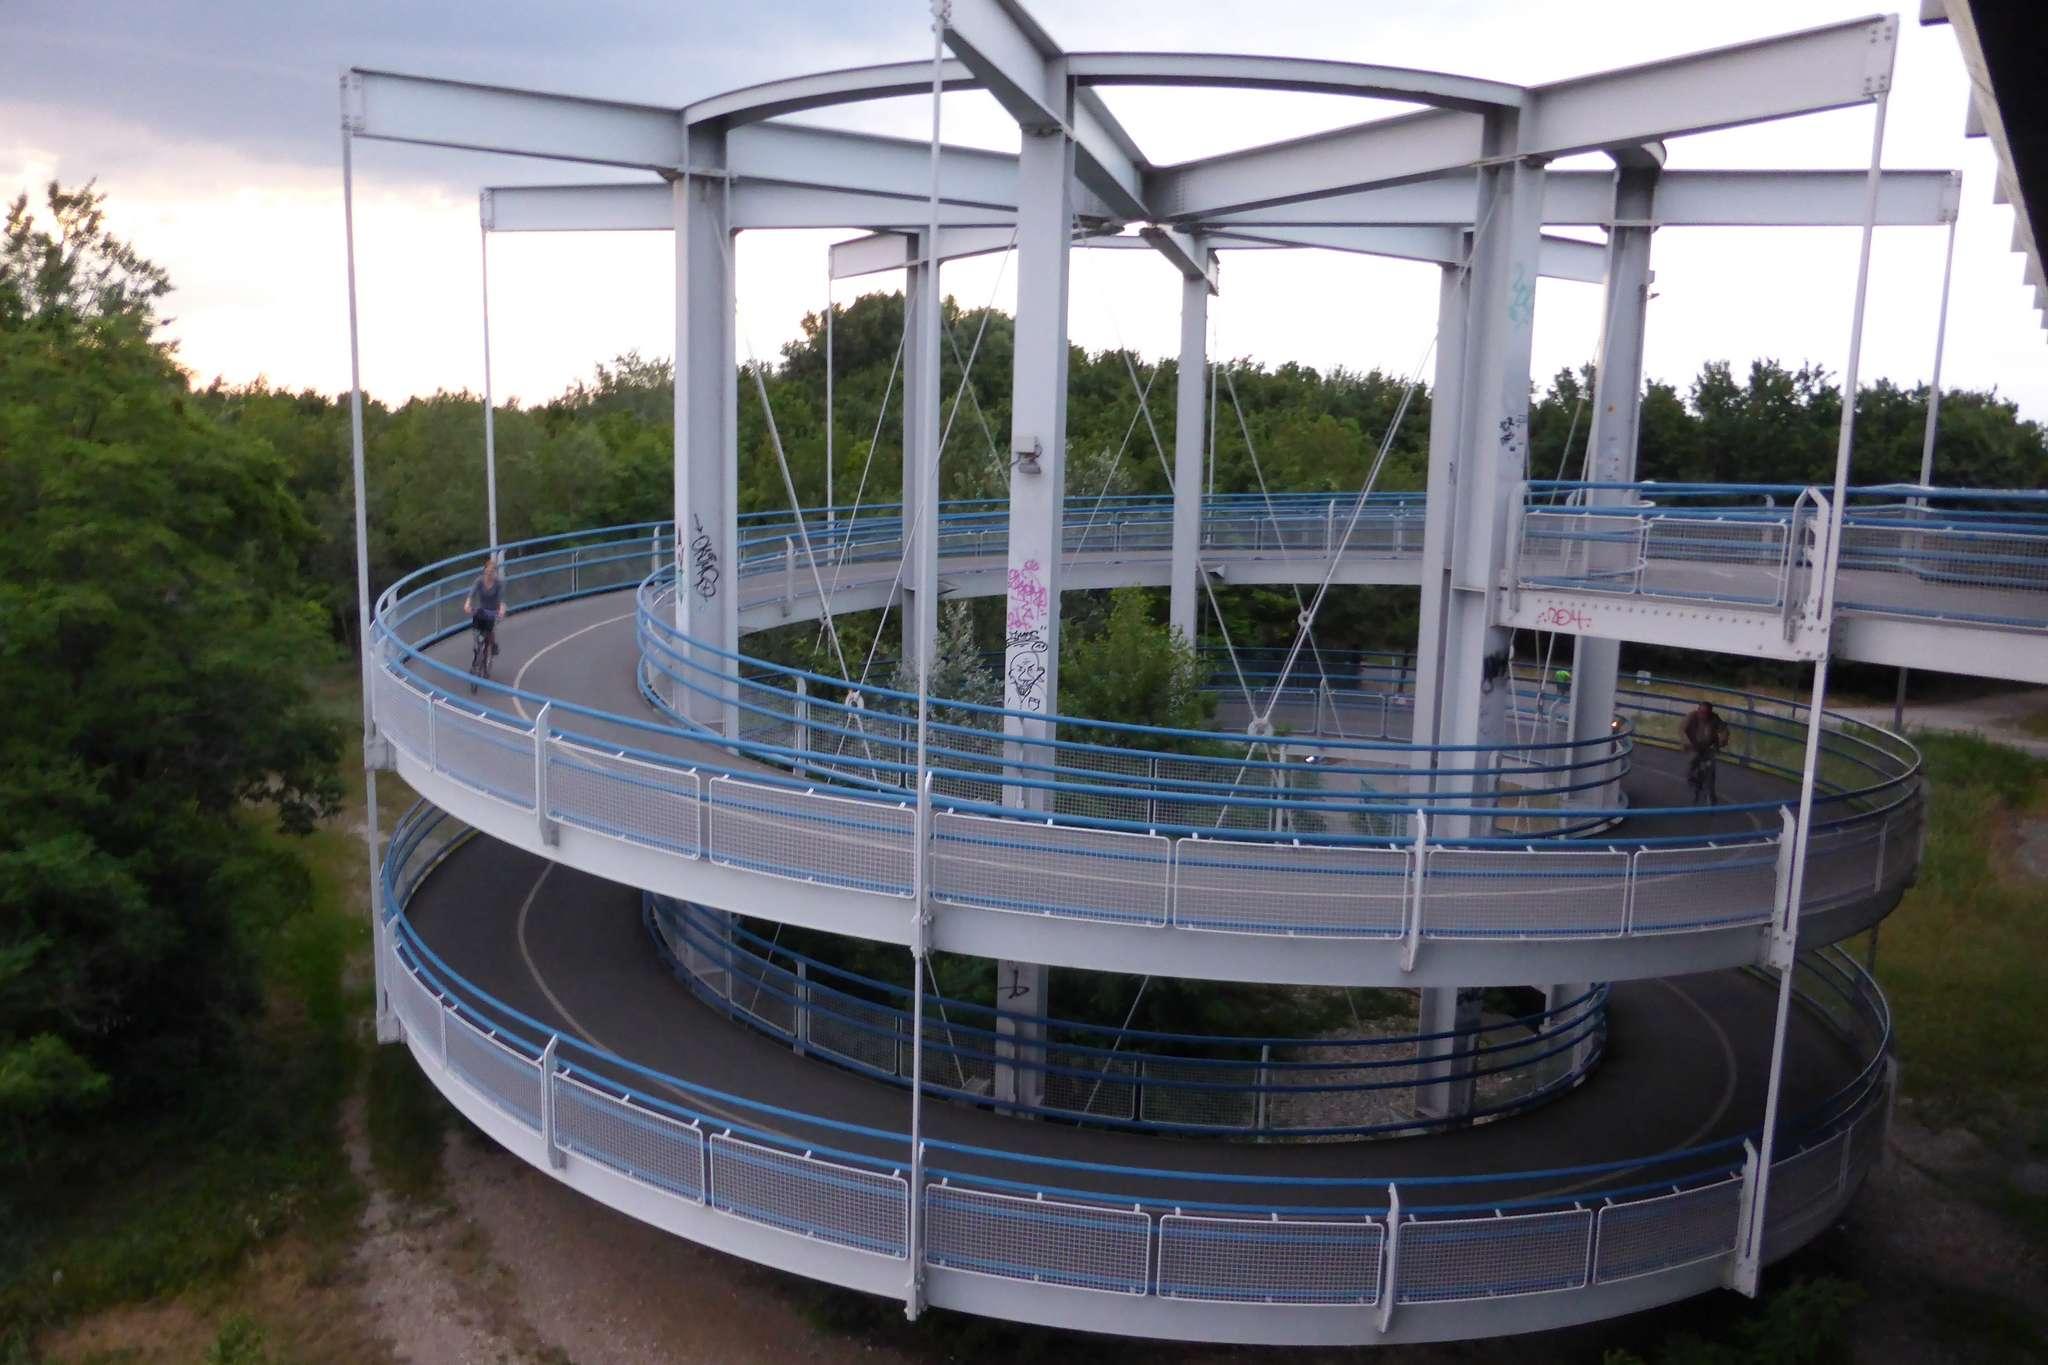 Ponieważ mosty wznoszą się wysoko nad lustrem wody, austriaccy projektanci zaplanowali ślimakowe podjazdy dla rowerzystów. Dzięki nim pochyłość staje się znacznie łagodniejsza i bardzo szybko można wspiąć się na wysokość kładki rowerowej.